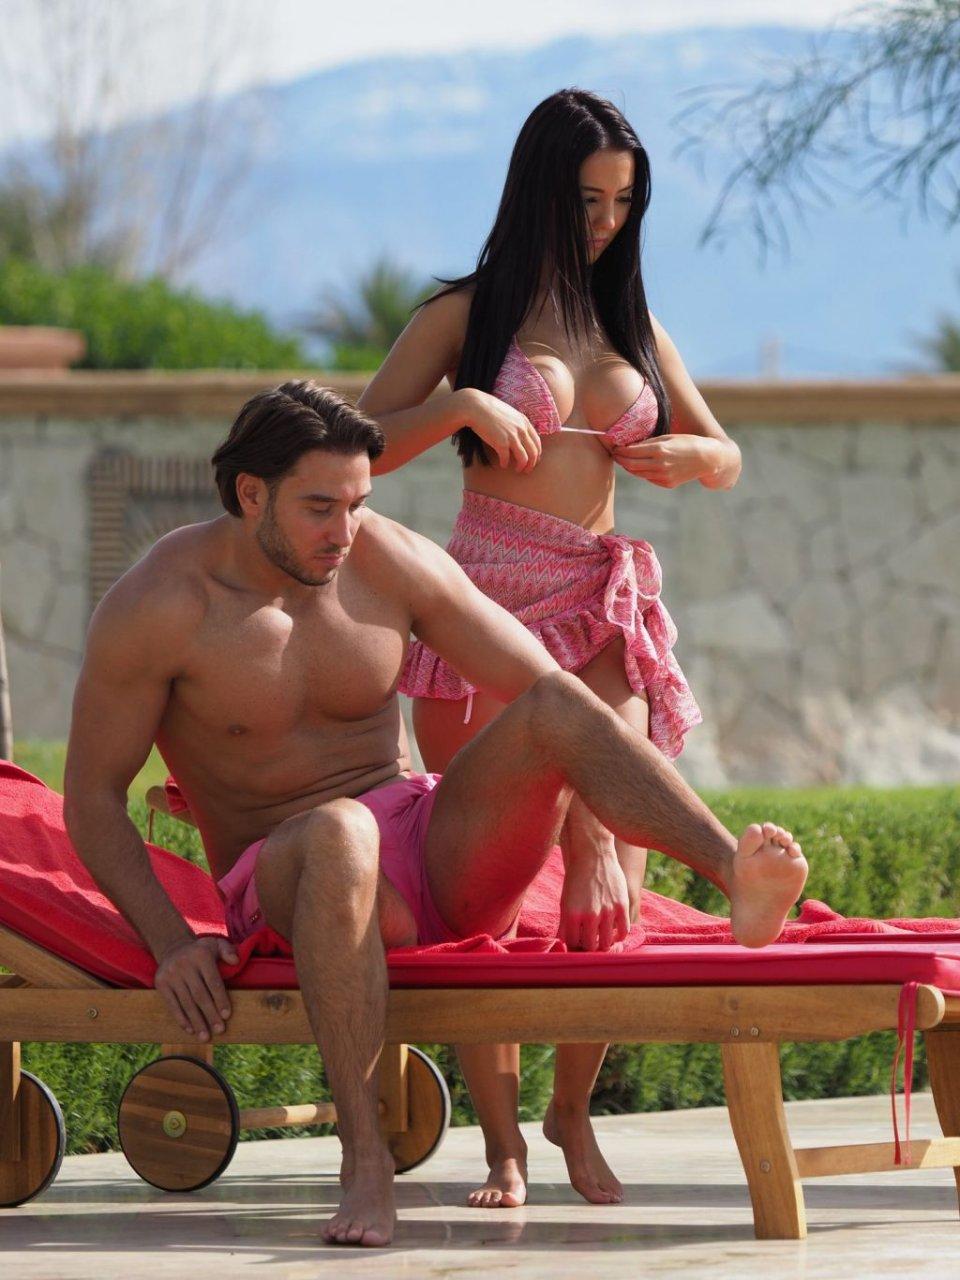 Yazmin Oukhellou Sexy (51 Photos)